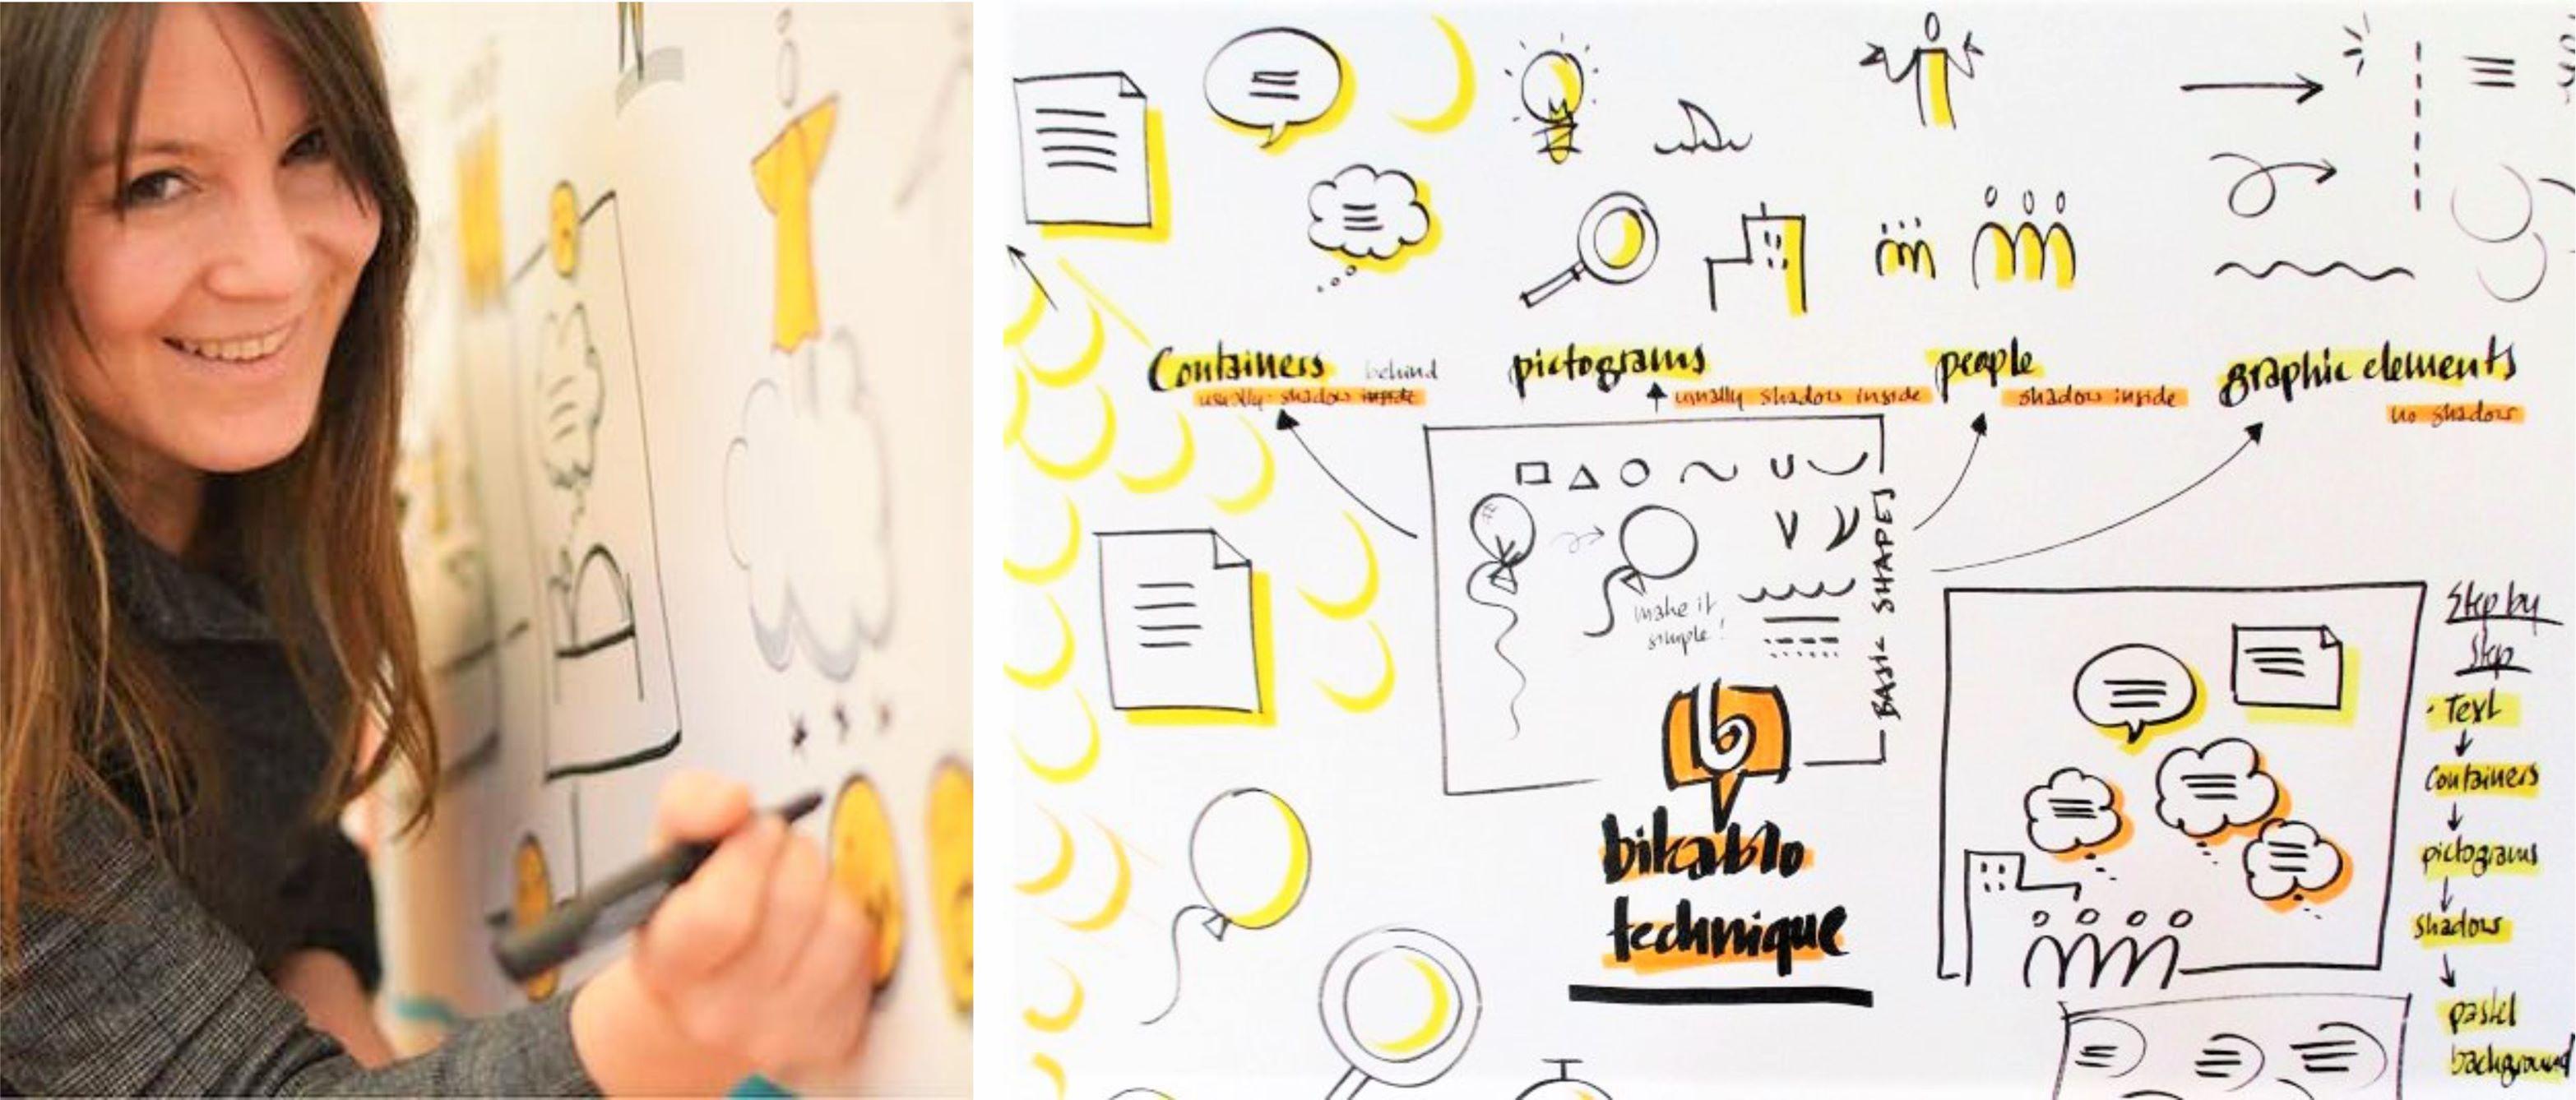 Training bikablo®: facilitare, gândire și comunicare vizuală